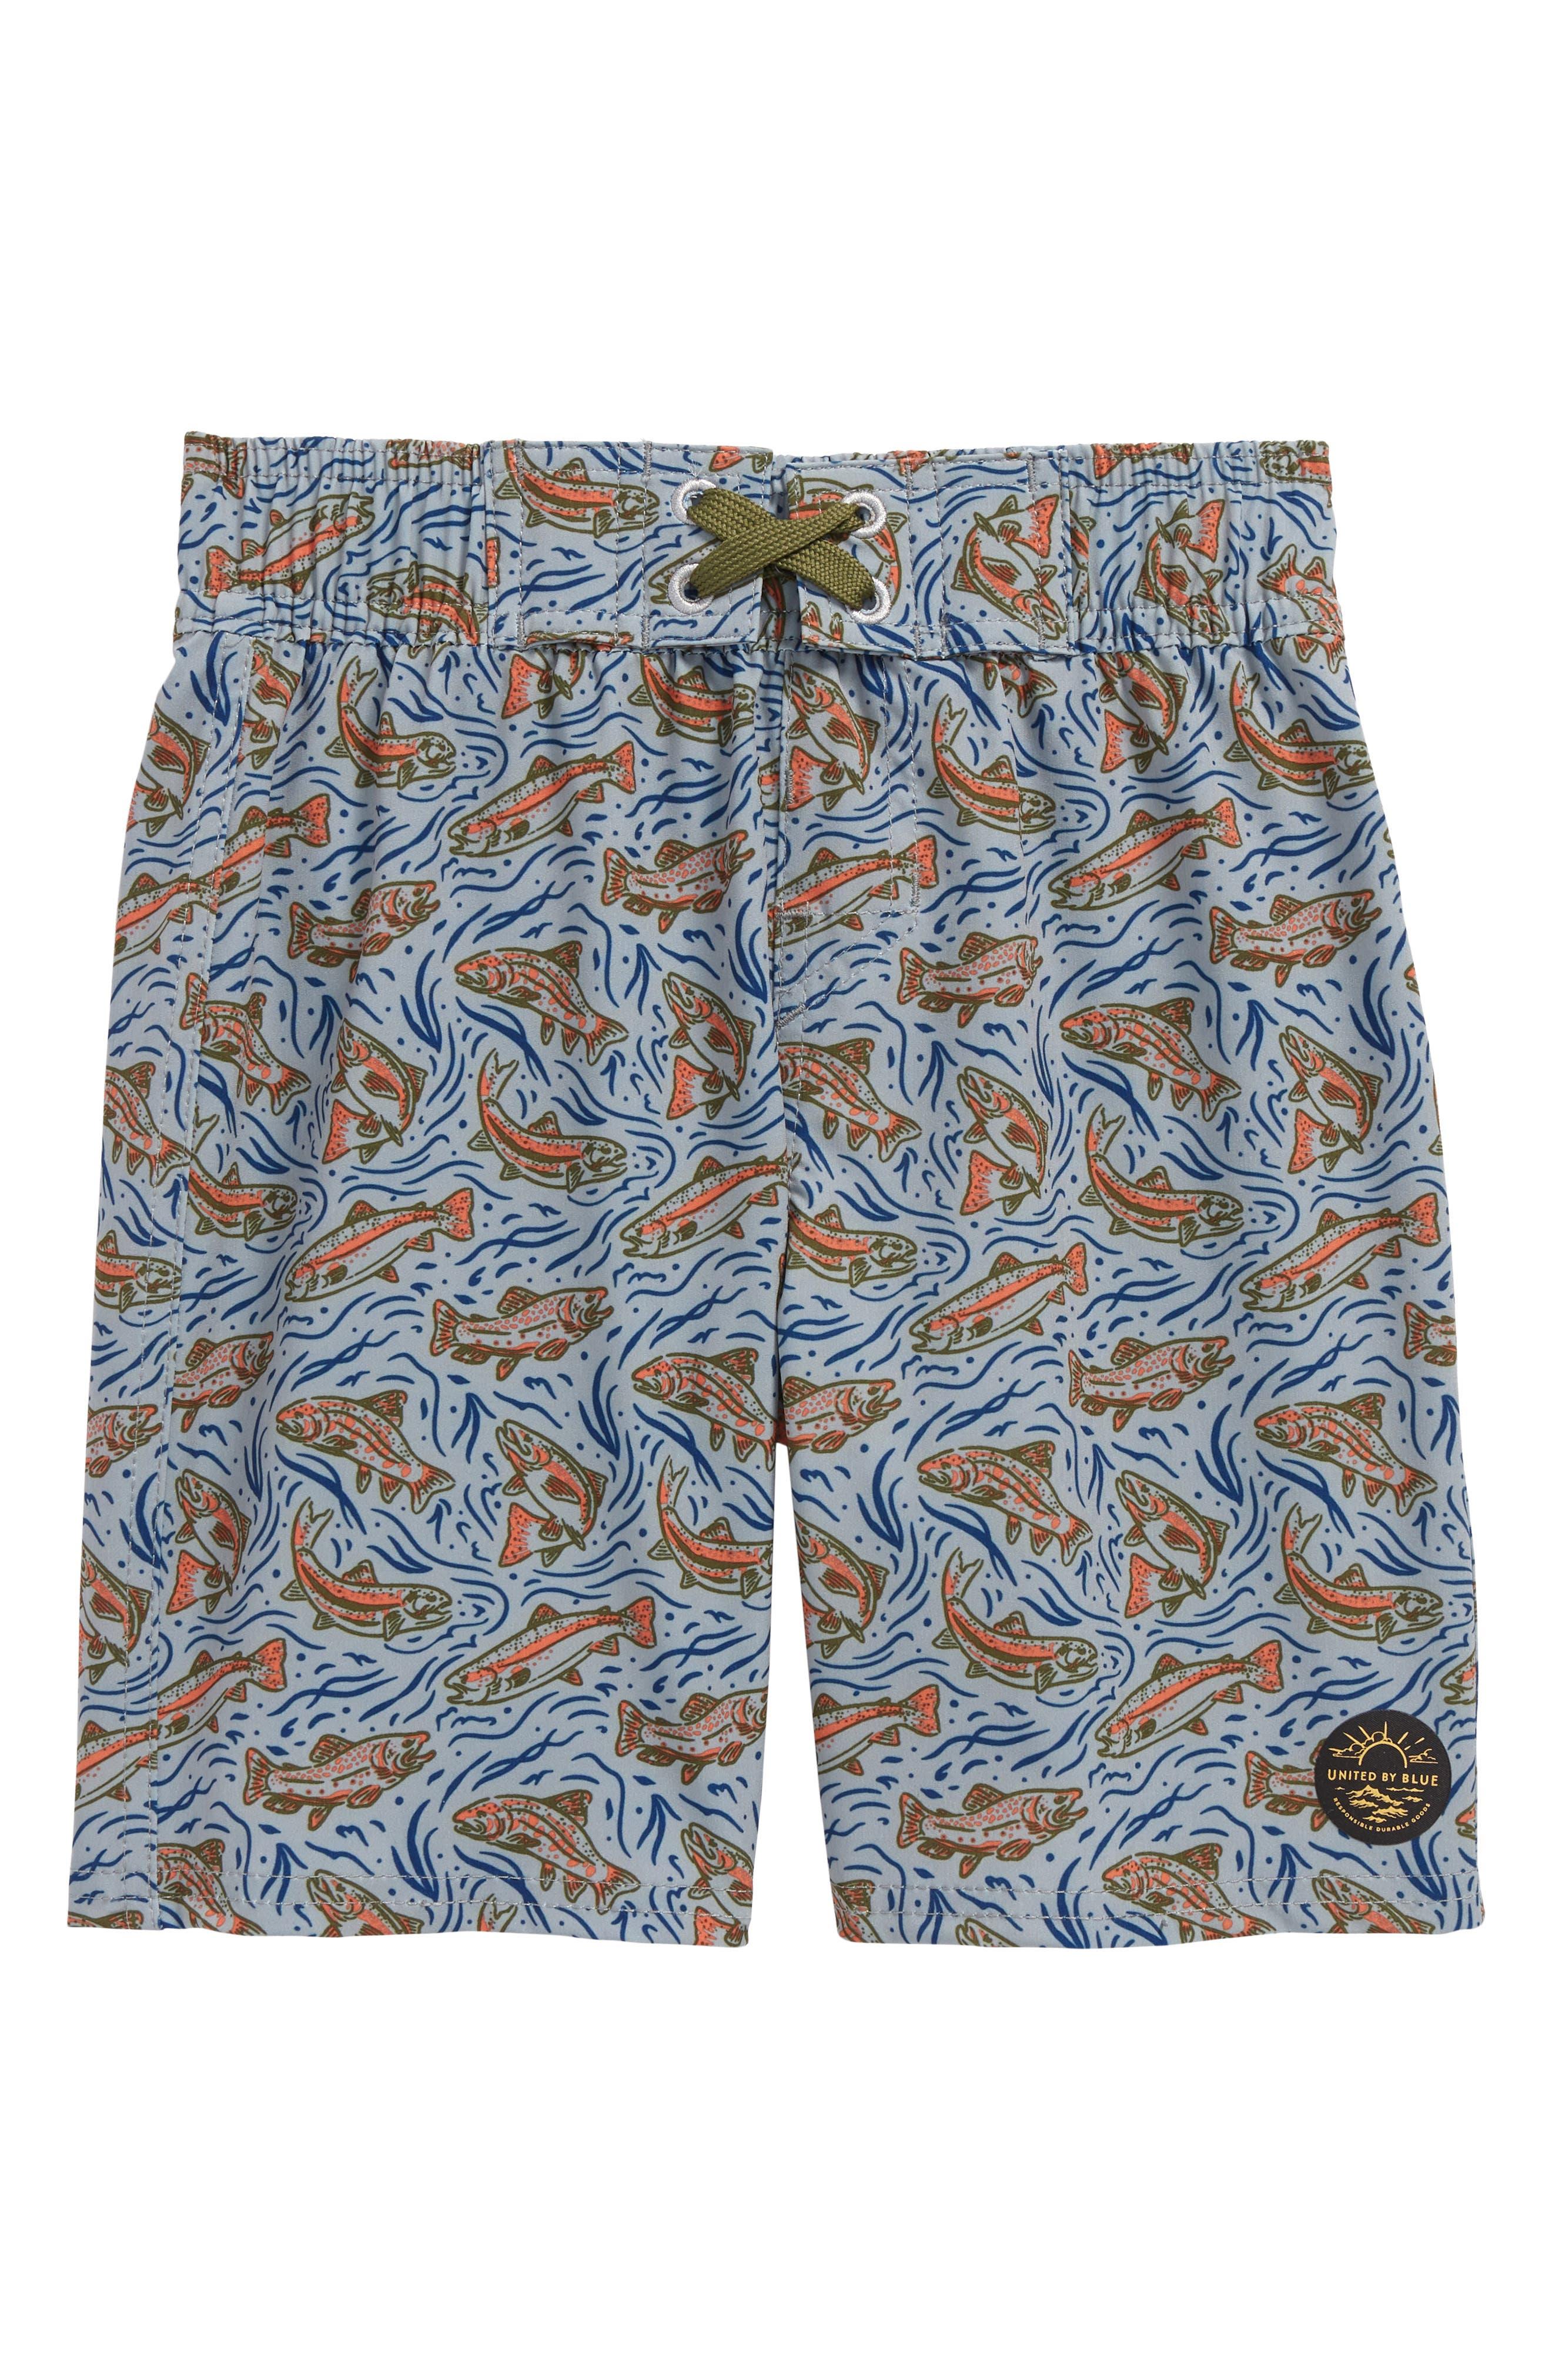 Upstream Board Shorts,                         Main,                         color, 020